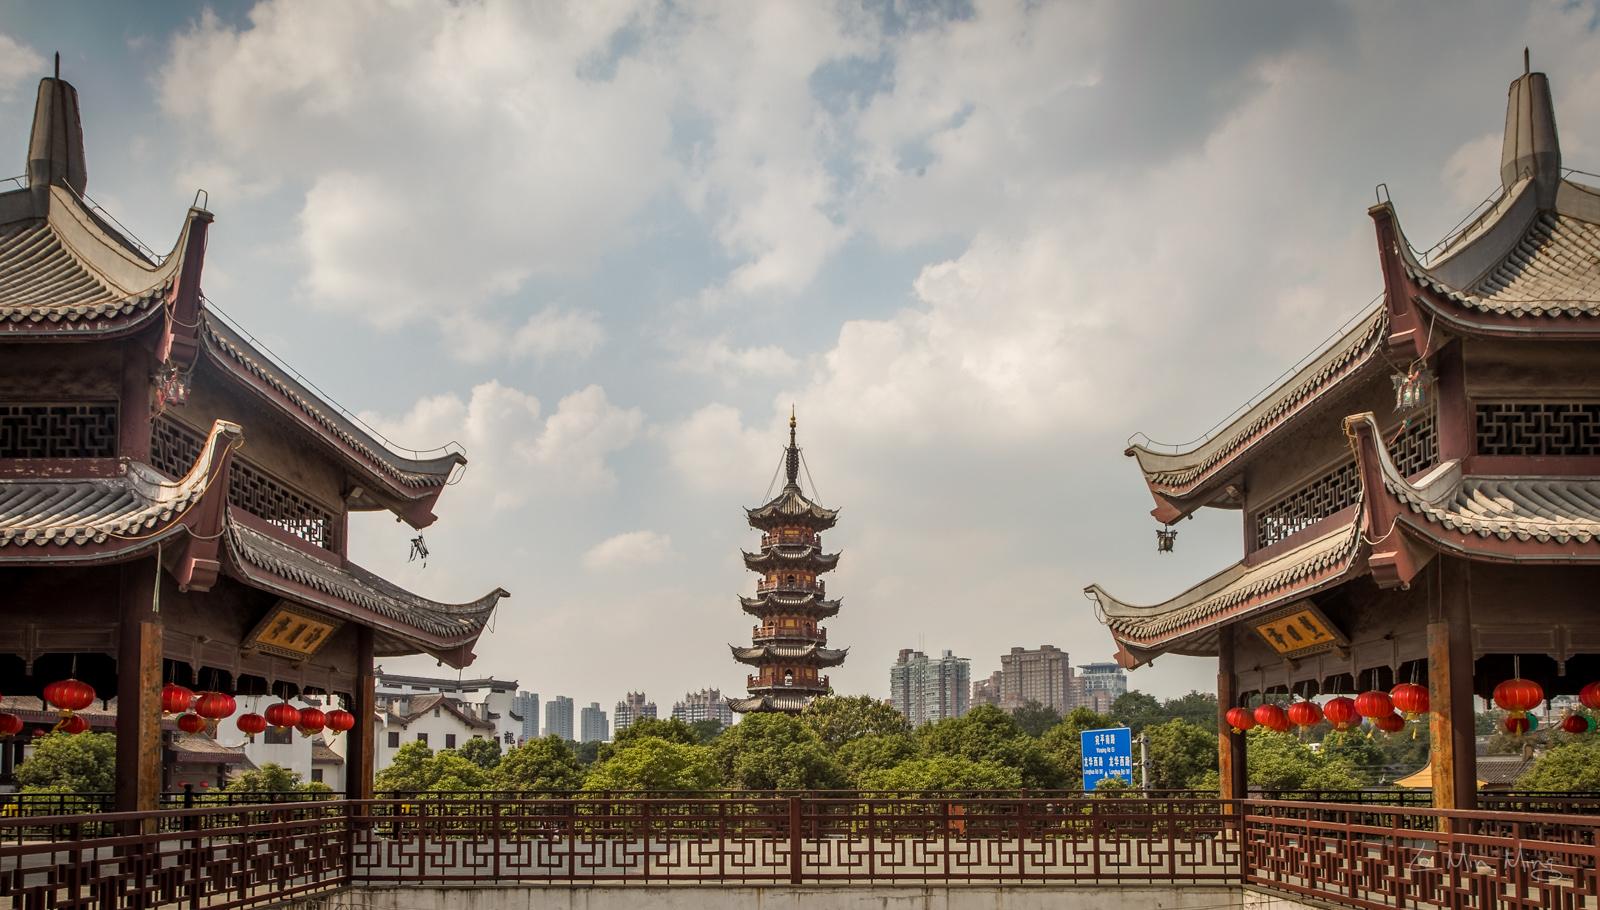 معبد لانگا شانگهای چین